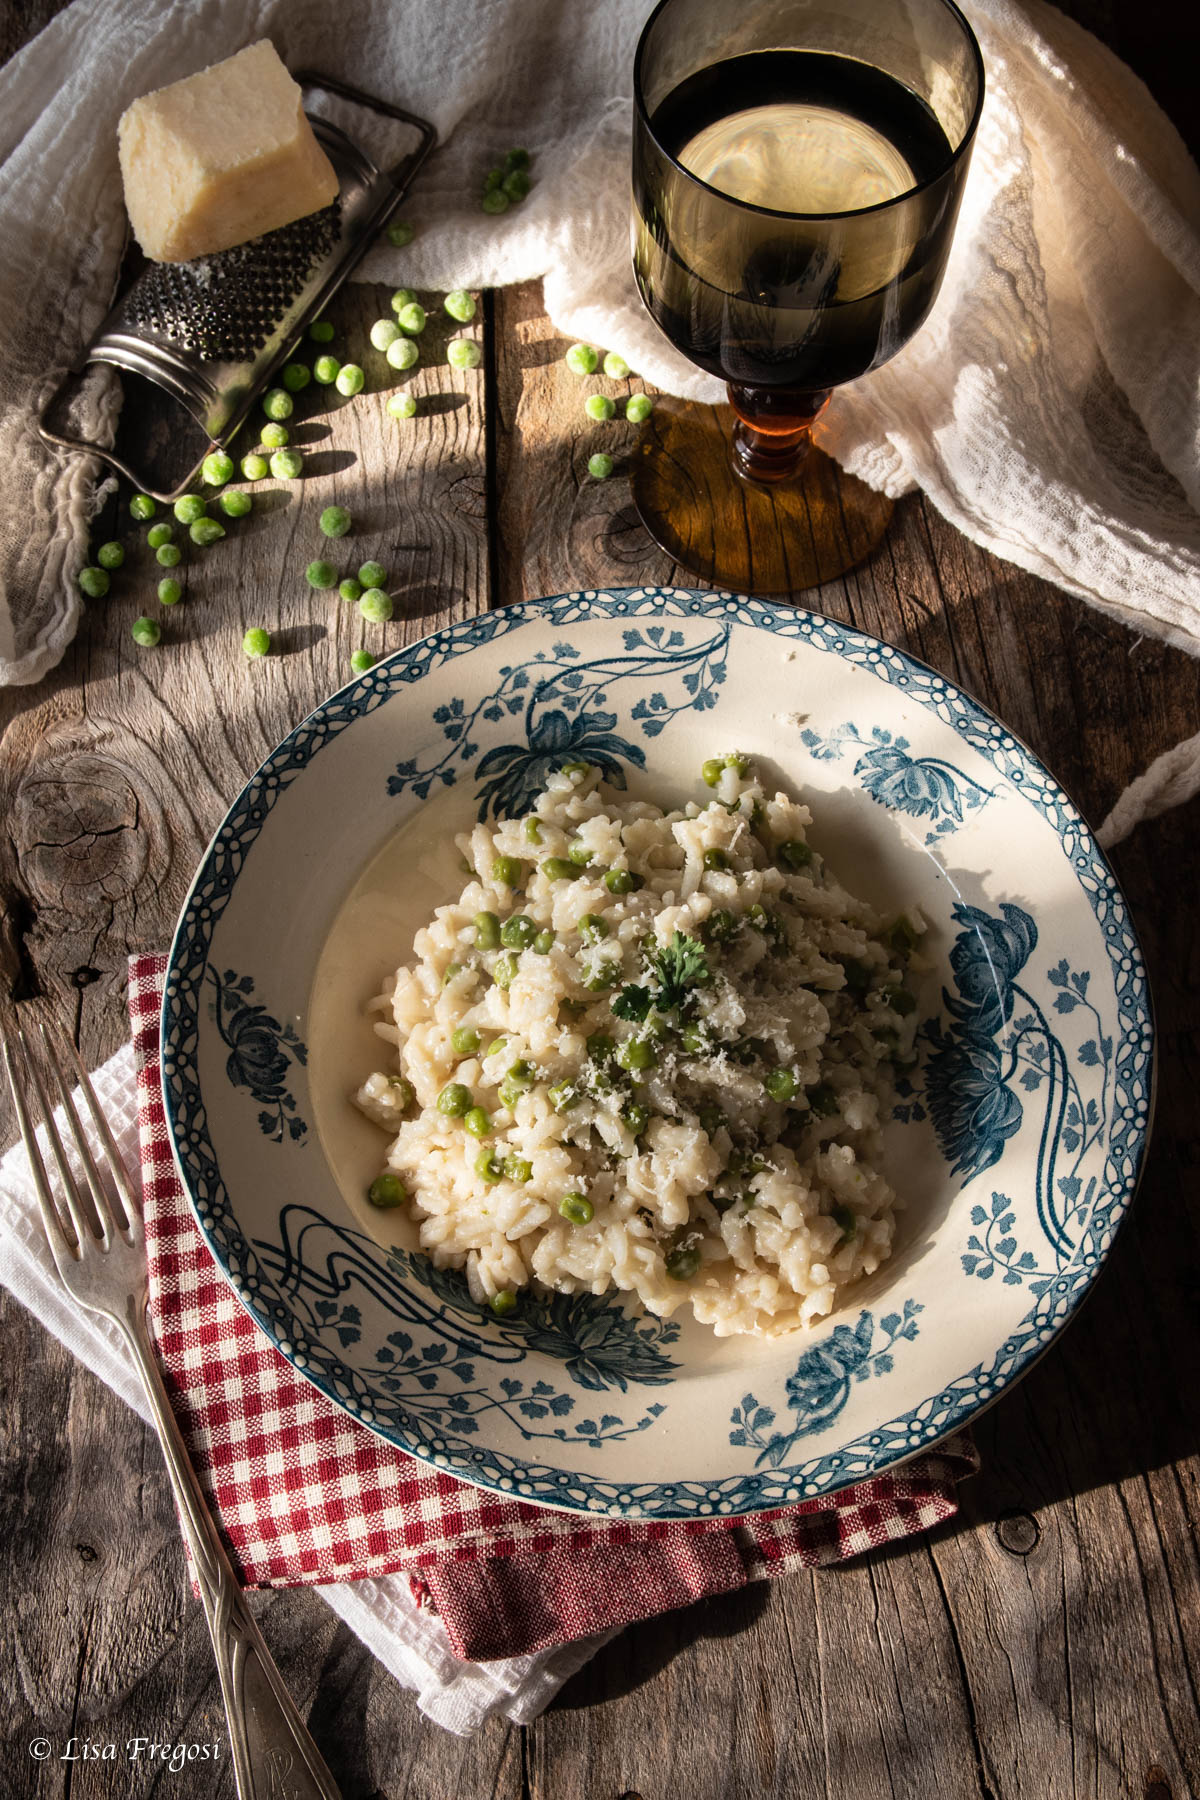 risi e bisi, il risotto con piselli della tradizione veneta